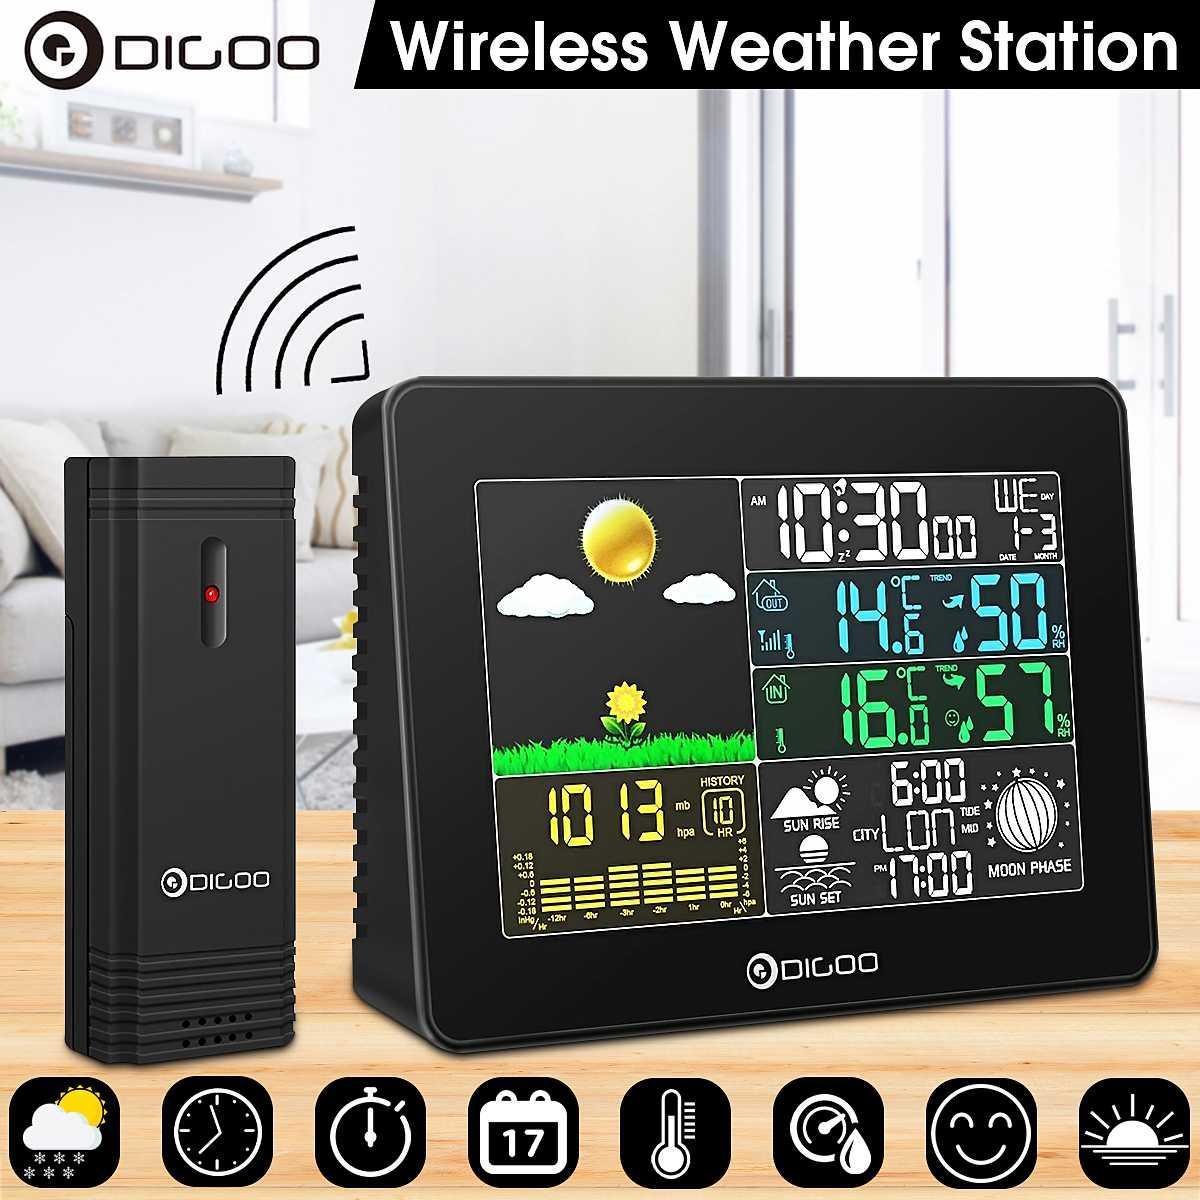 Метеостанция Digoo цветная с выносным датчиком